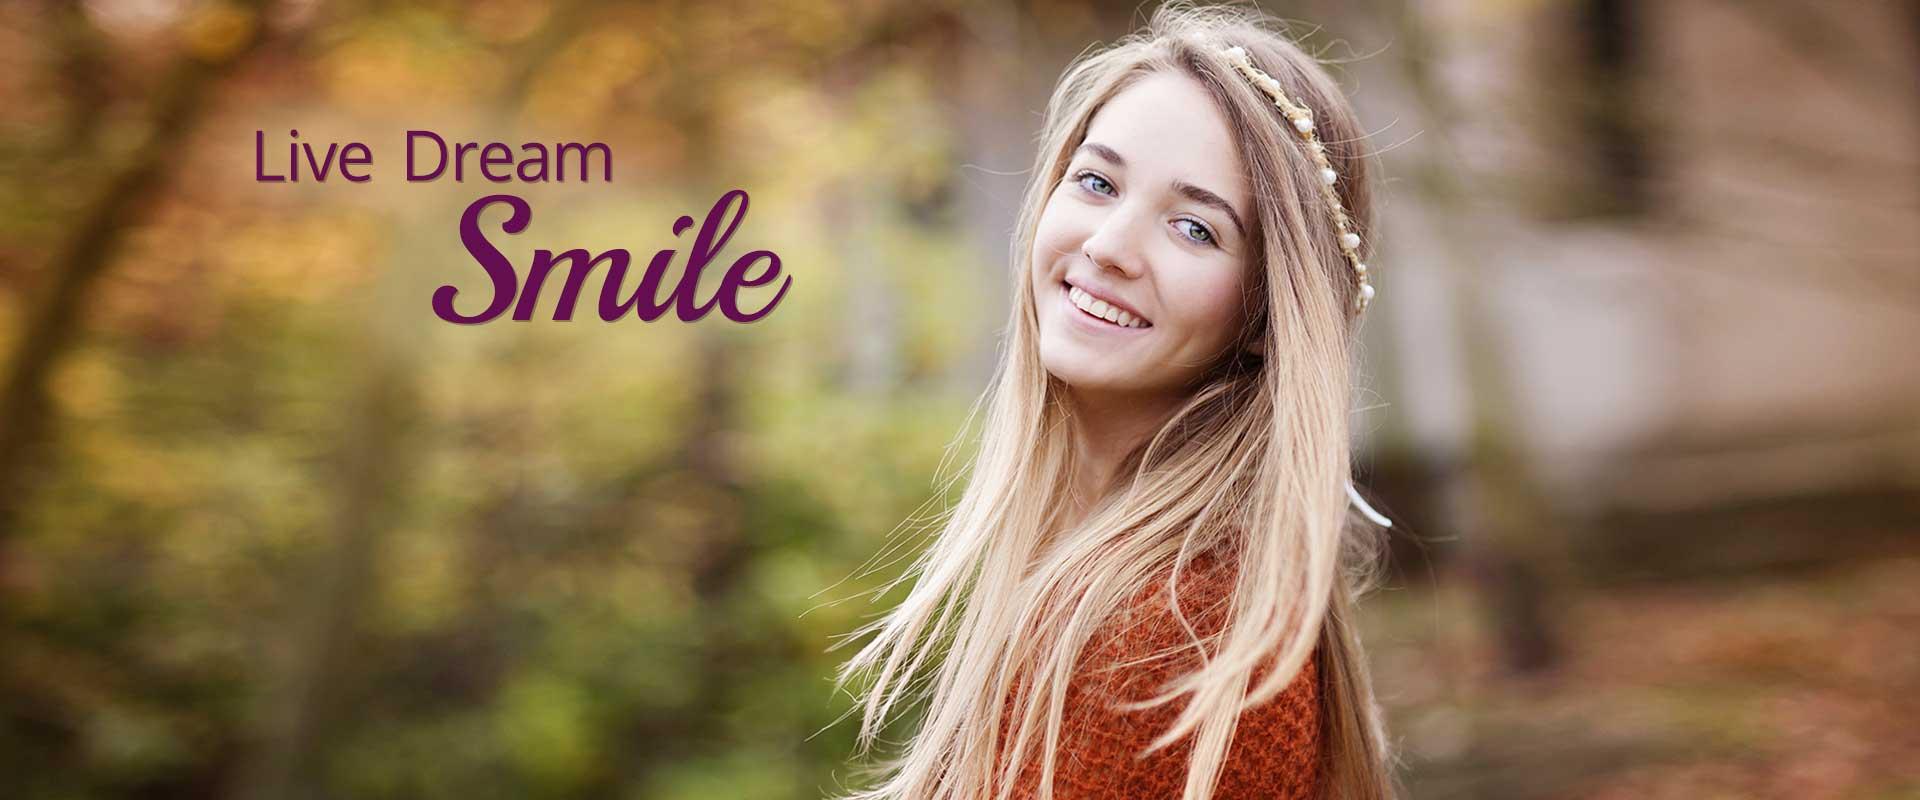 Live Dream Smile Slider 1 Dr. Gordon C. Honig, DMD Newark Middletown DE